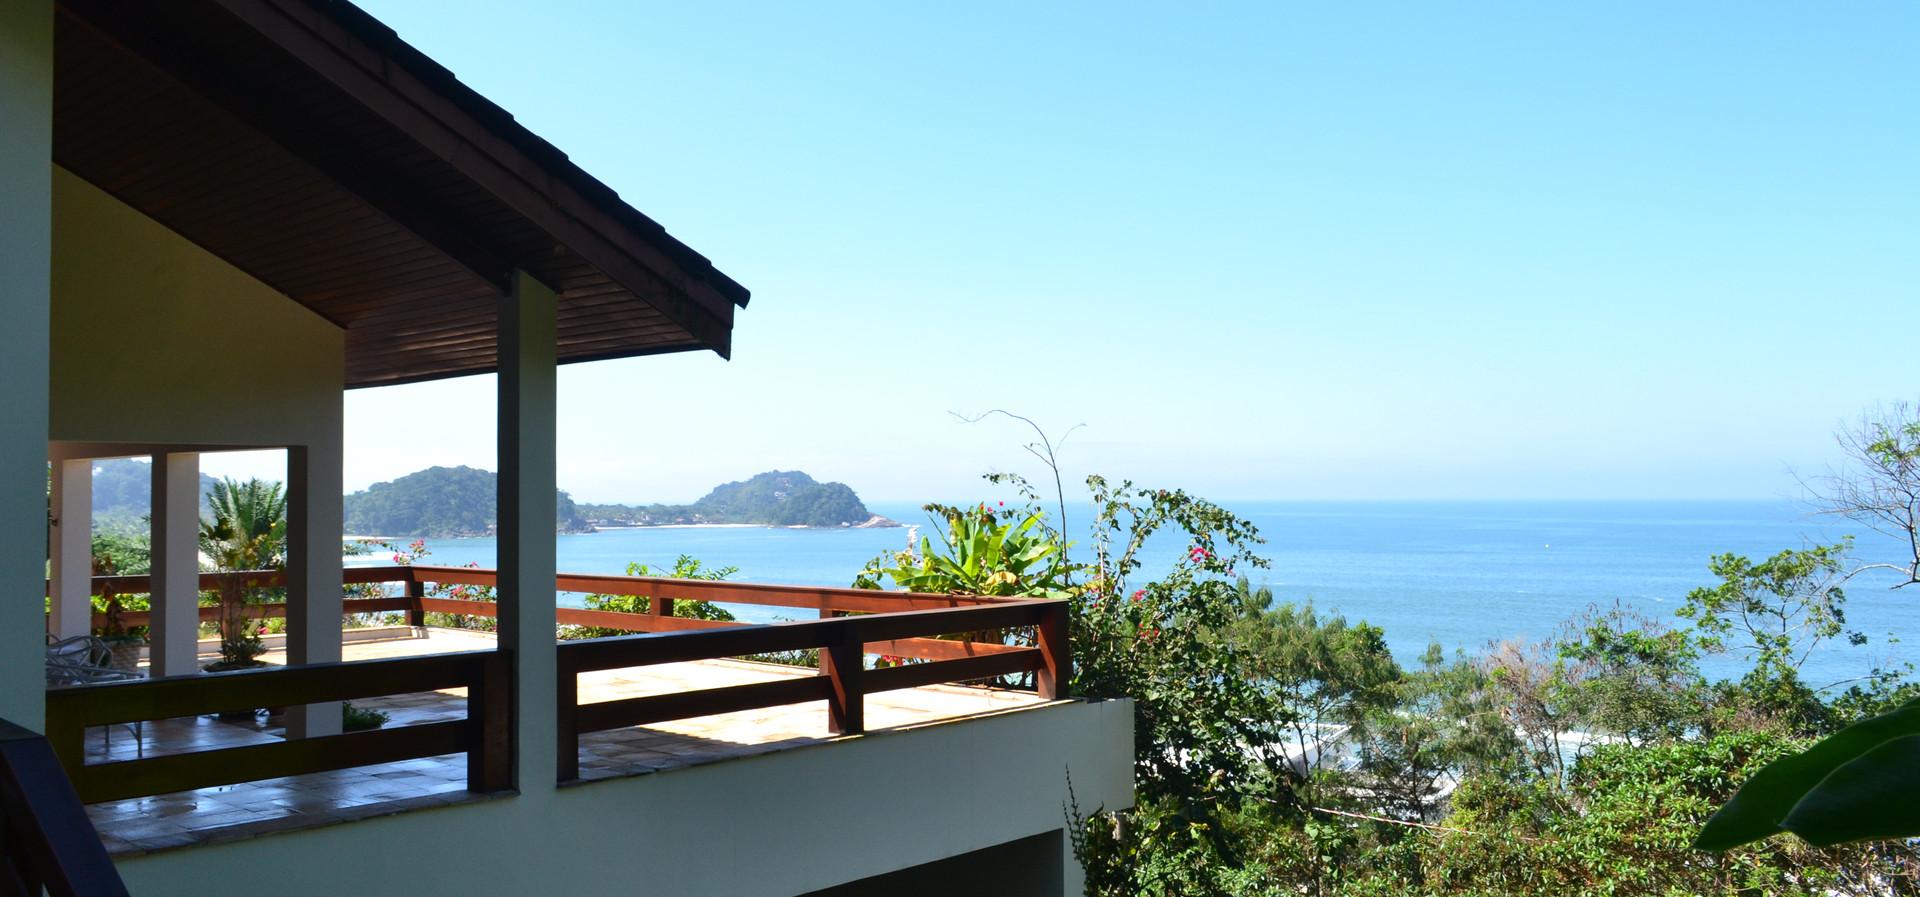 Imóveis na Praia de Tijucopava a Venda e Locação Condomínio Tijucopava Guarujá